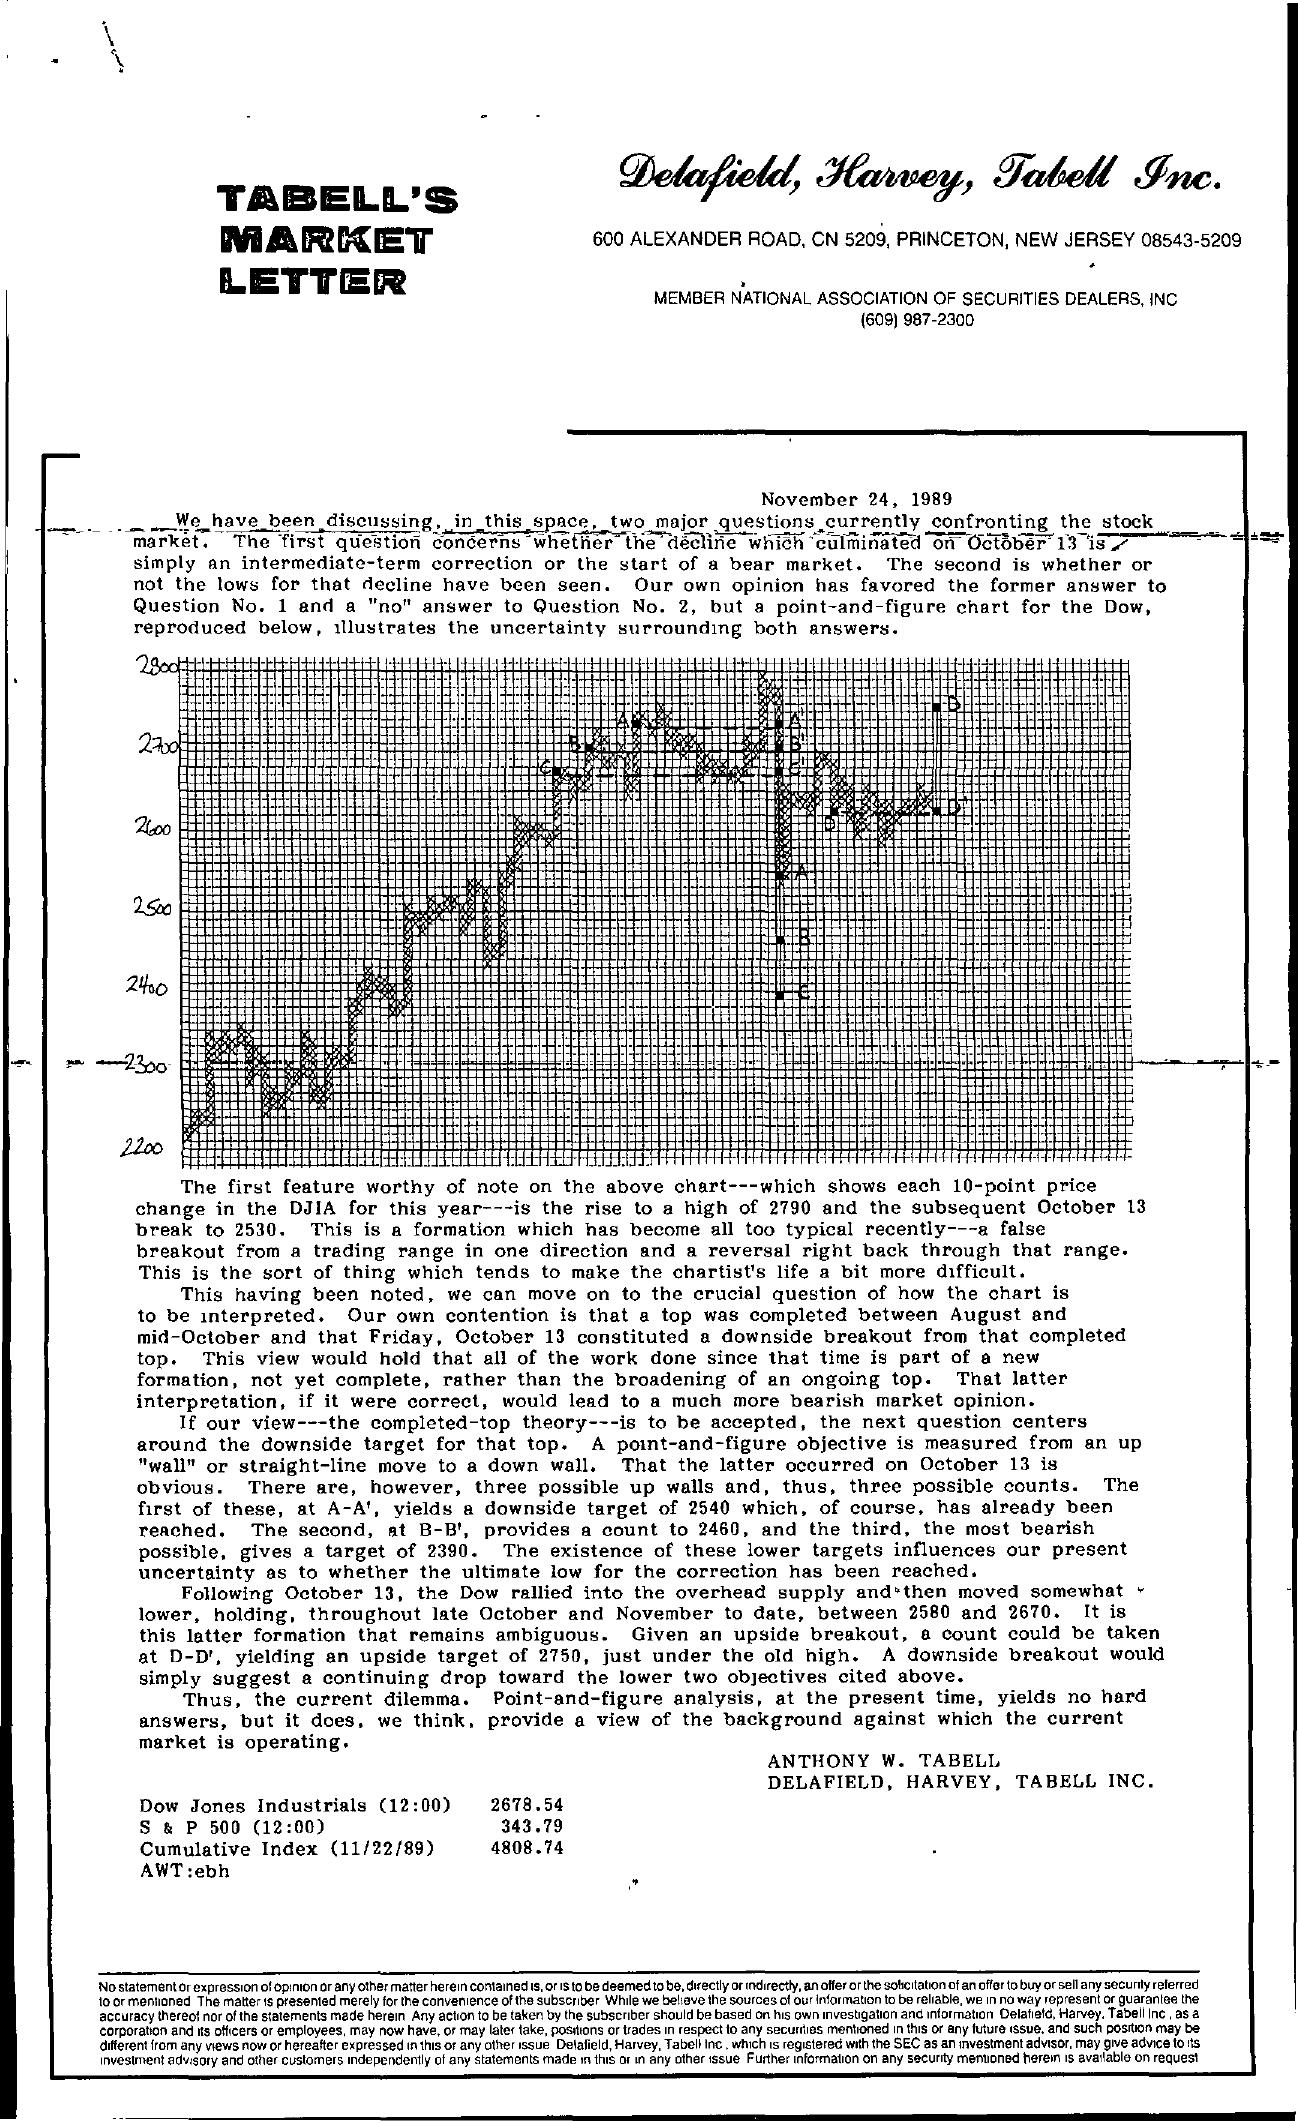 Tabell's Market Letter - November 24, 1989